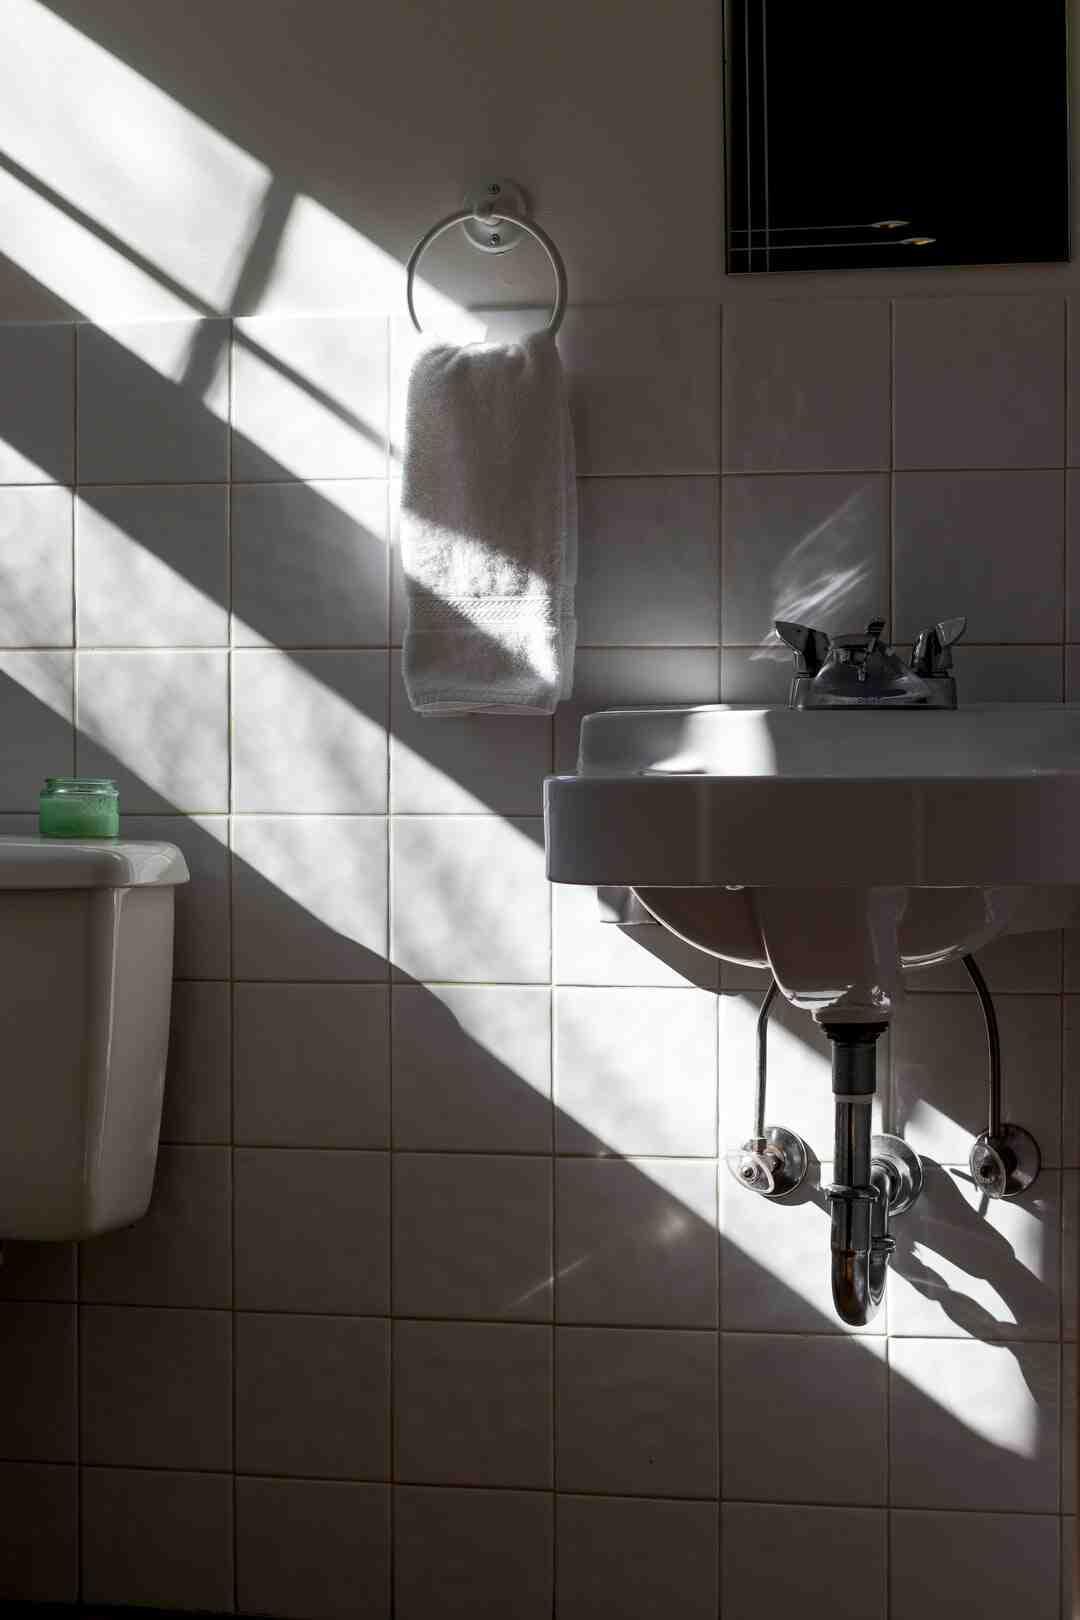 Comment installer un robinet sur une conduite d'eau ?